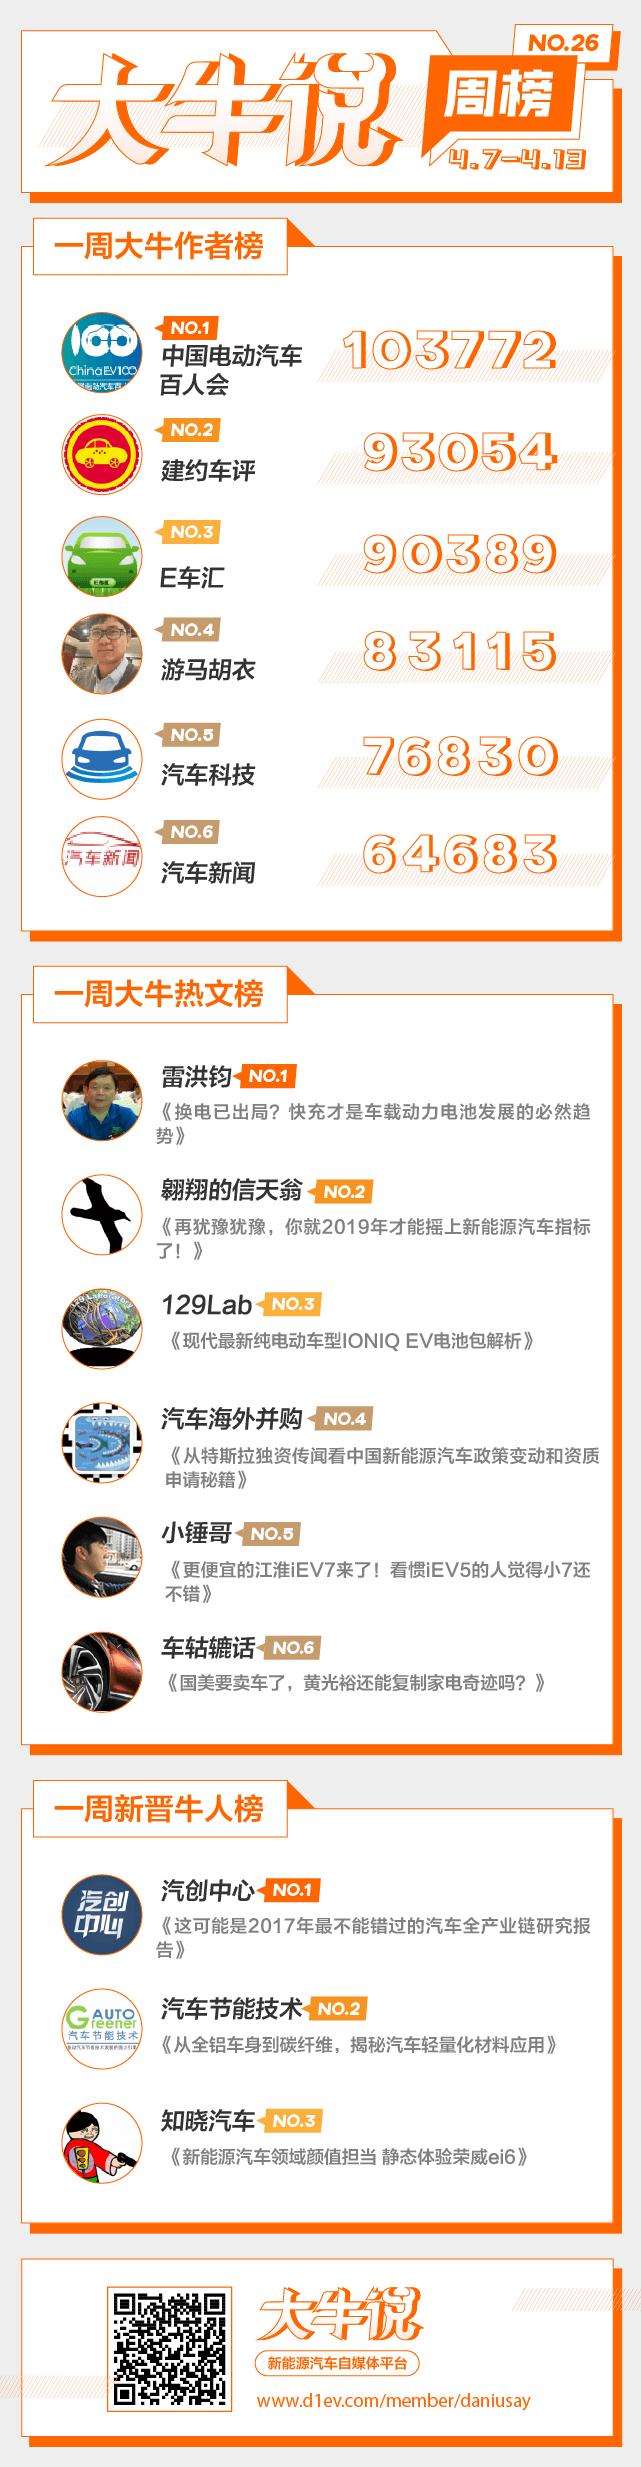 第一电动网大牛说4月6日-13日一周榜单揭晓,期待你加入